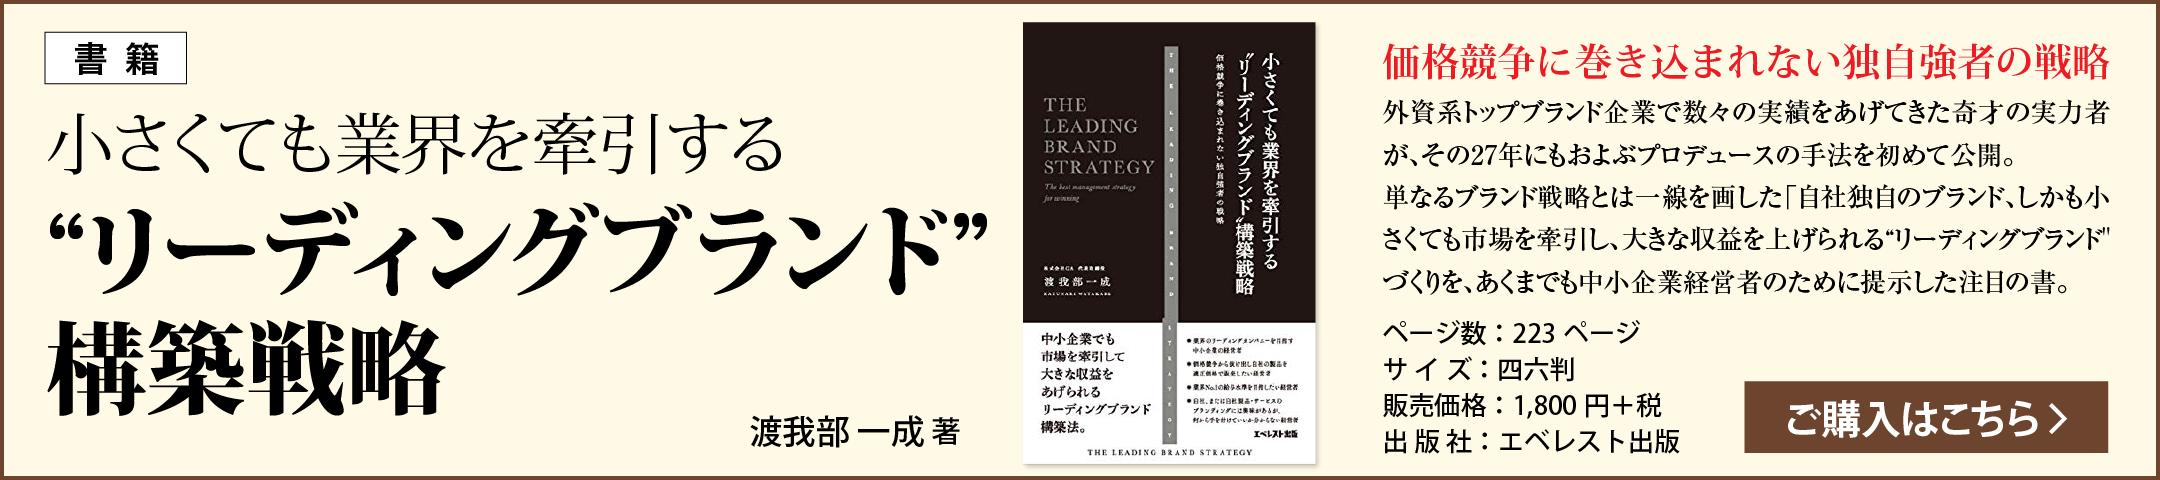 """小さくても業界を牽引する""""リーディングブランド""""構築戦略"""